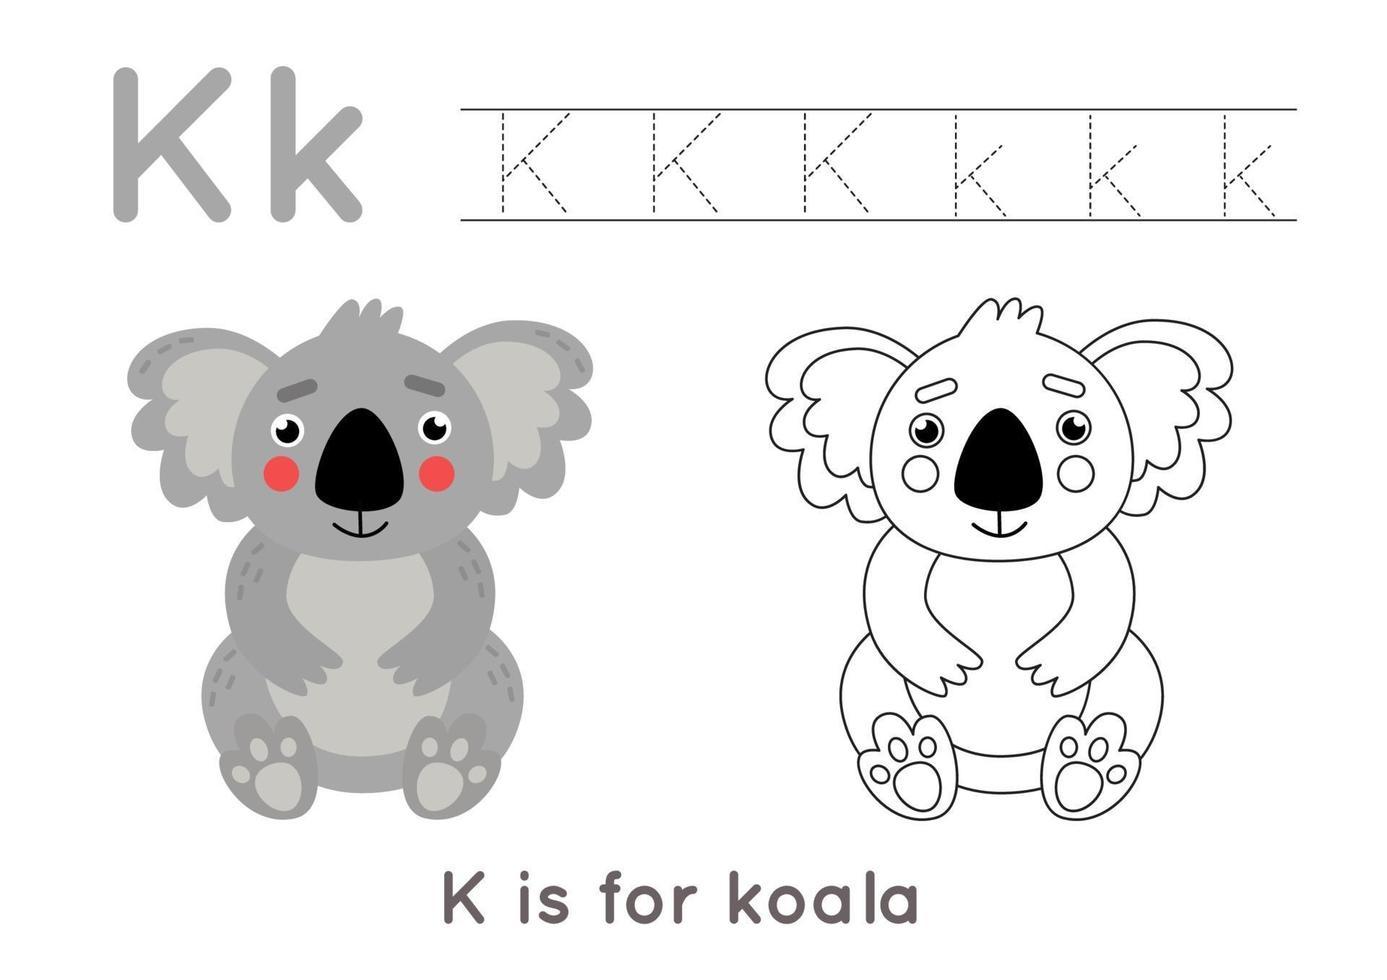 pagina da colorare e tracciare con la lettera k e koala simpatico cartone animato. vettore